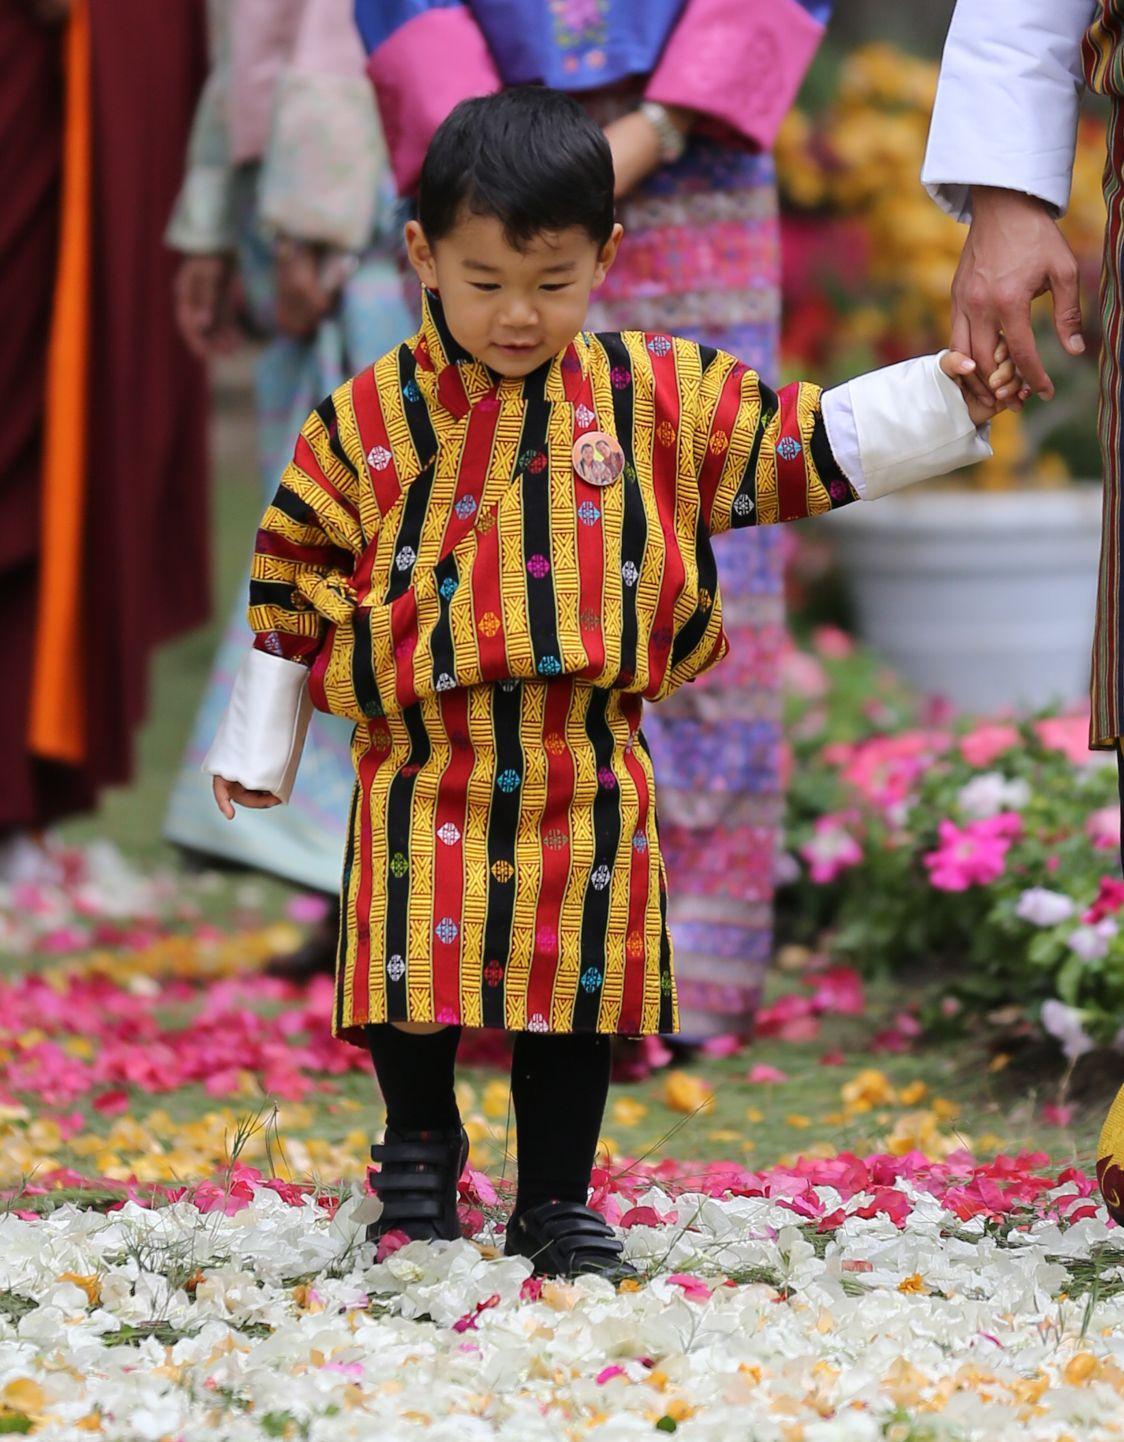 25. April 2018  Gerade mal zwei Jahre alt ist der Kronprinz Jigme von Bhutan. Und schon übernimmt der Kleine große Aufgaben. In bunter Tracht verzaubert der kleine Prinz bei der Blumenausstellung in Punakha das Volk.